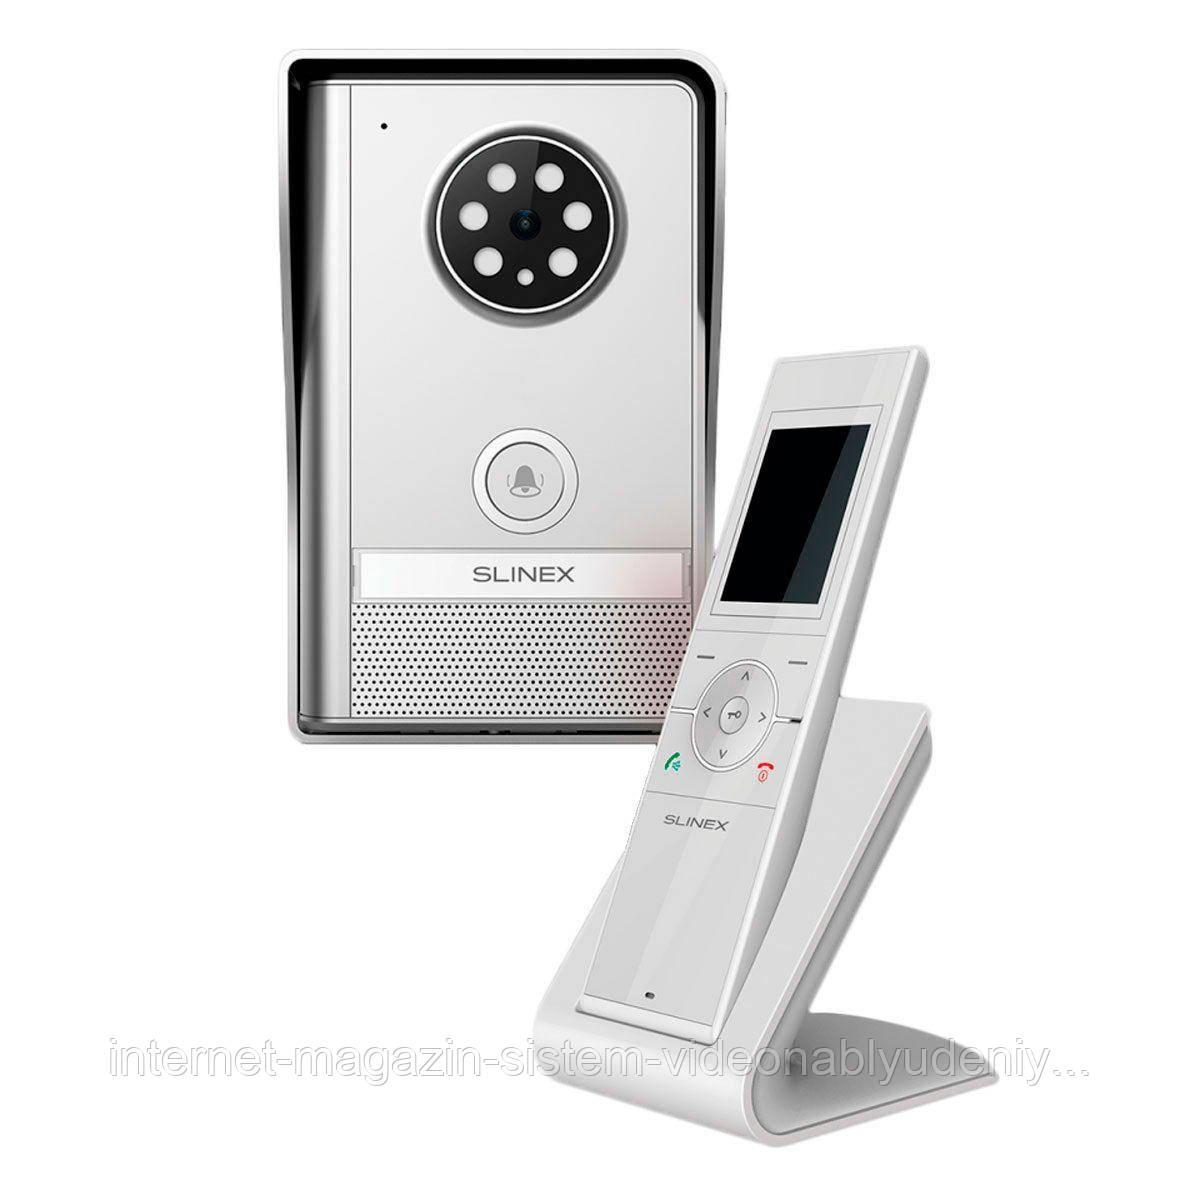 Беспроводный комплект видеодомофона Slinex RD-30 R Графит / Белый